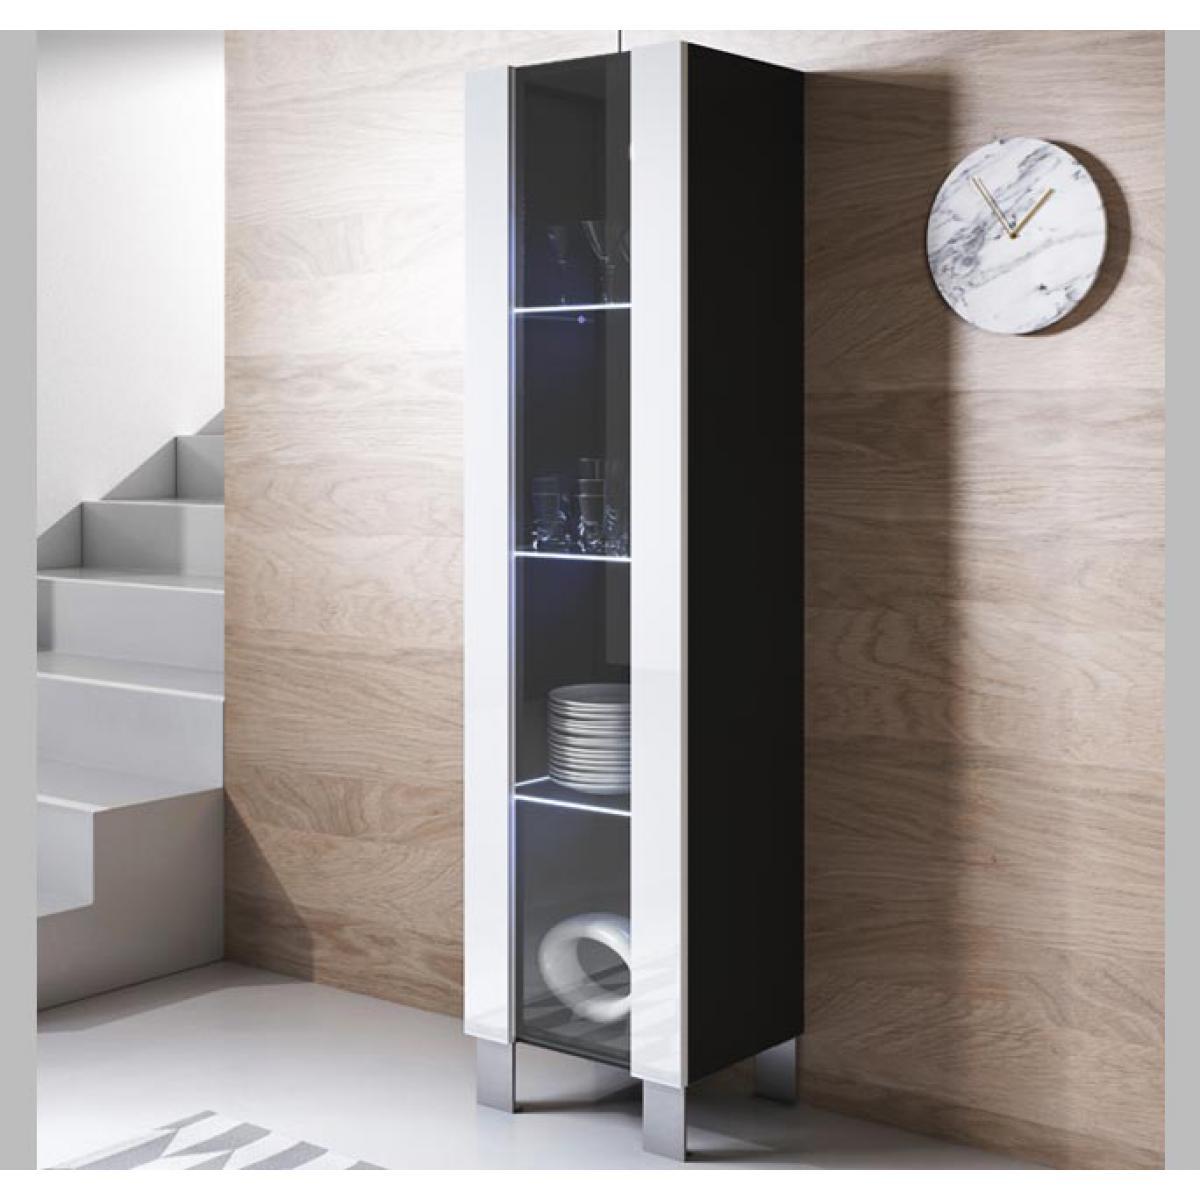 Design Ameublement Vitrine modèle Luke V5 (40x177cm) couleur noir et blanc avec pieds en aluminium